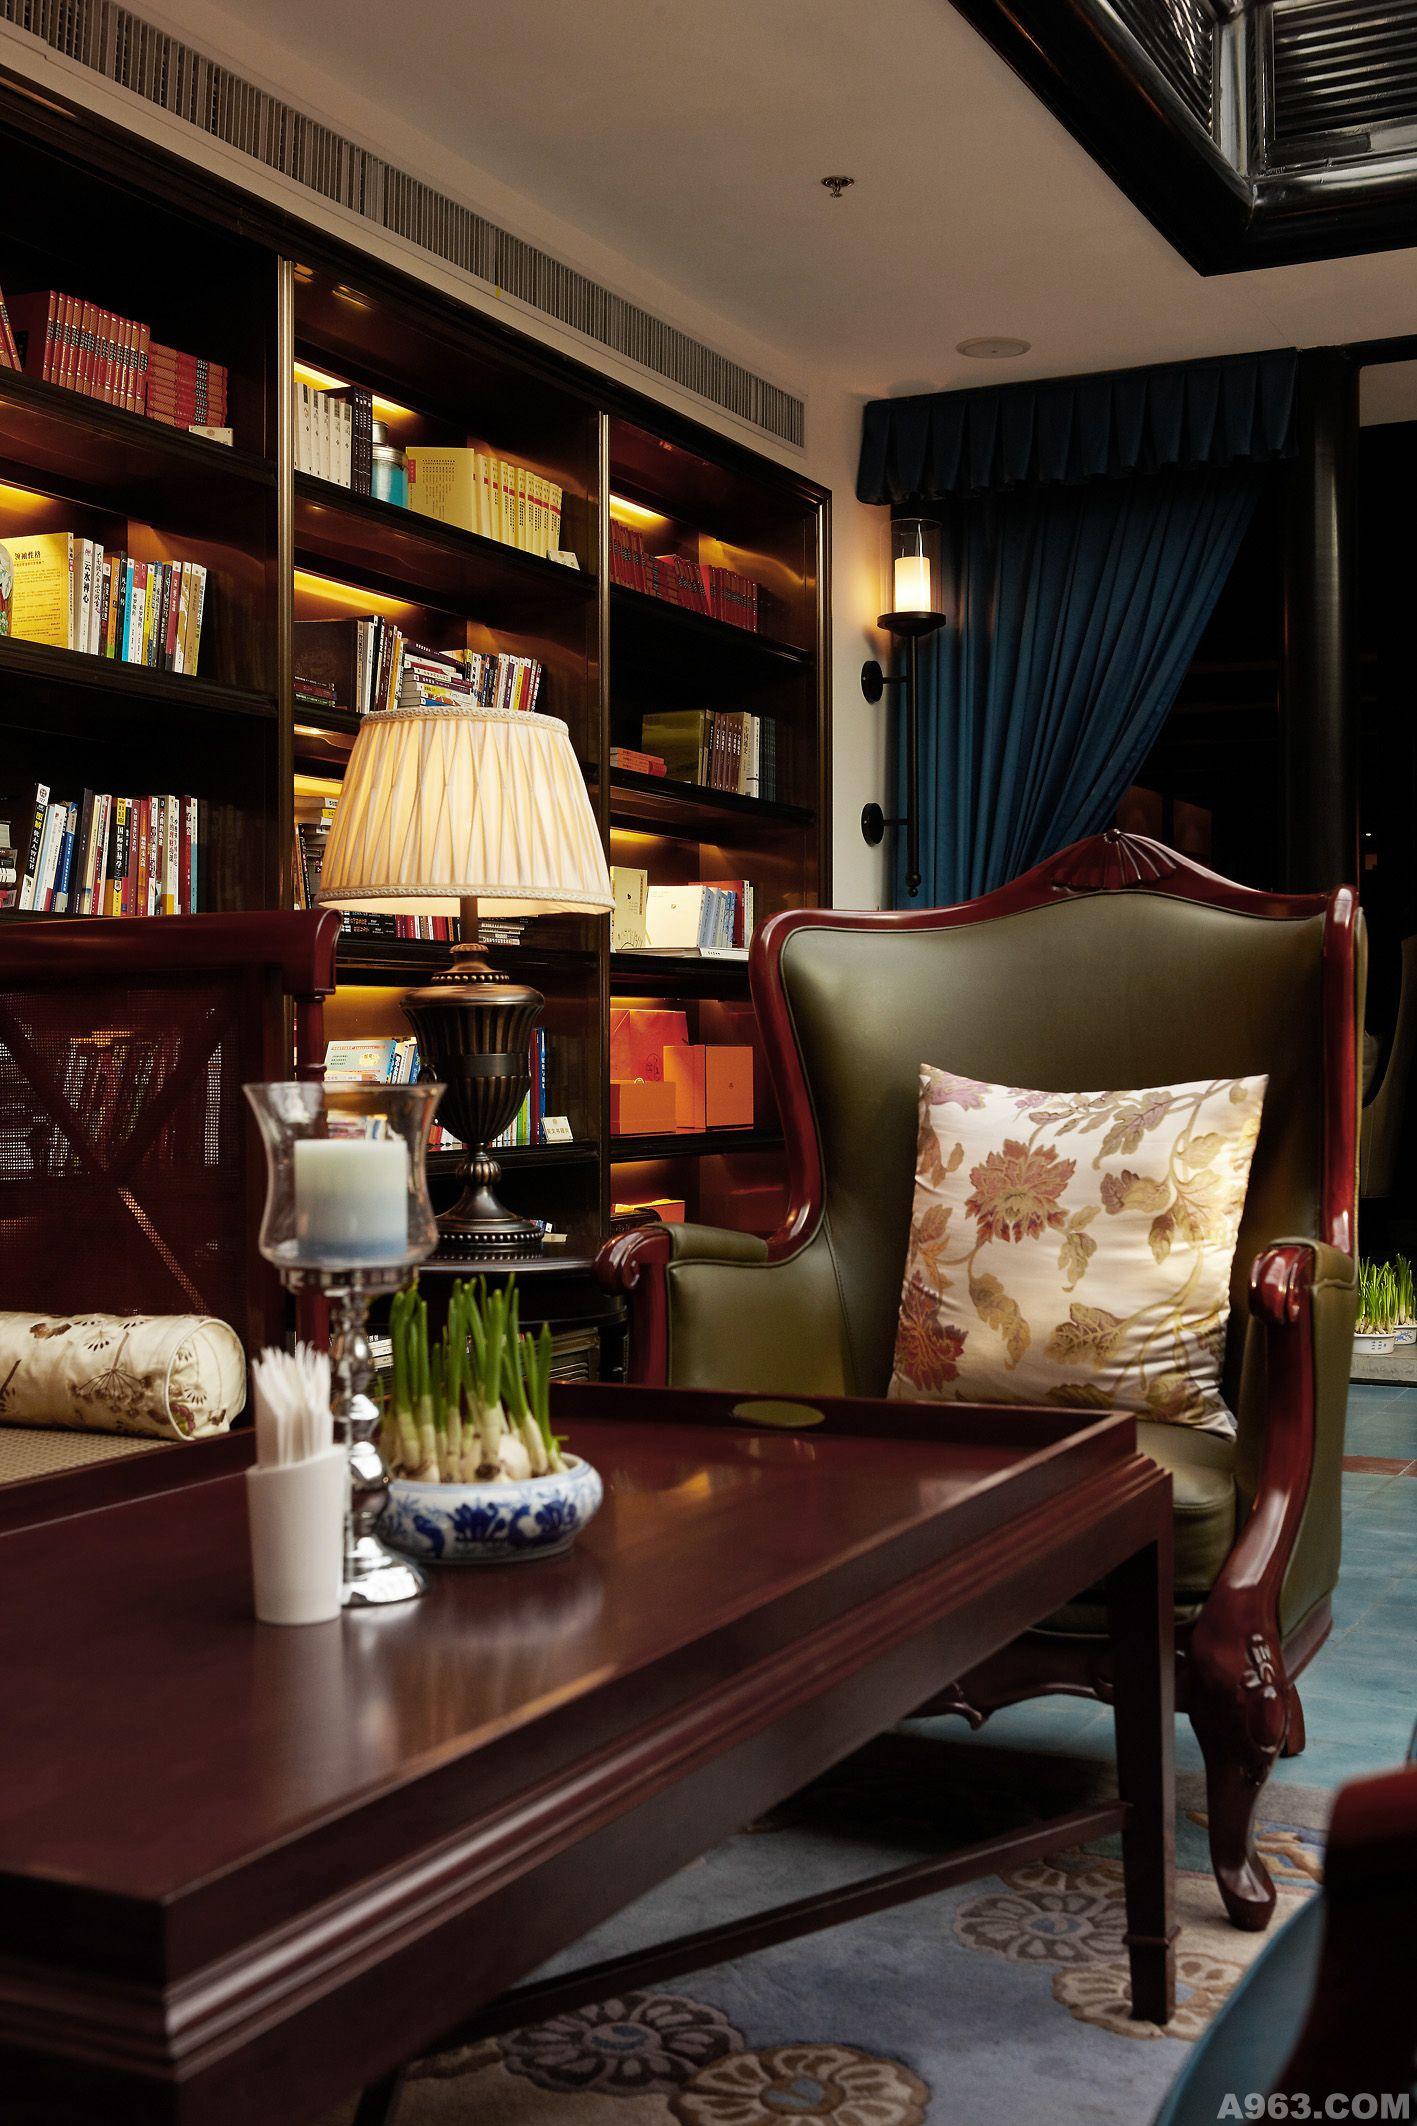 盛世花厅 - 会所设计 - 第4页 - 瑞设计设计作品案例